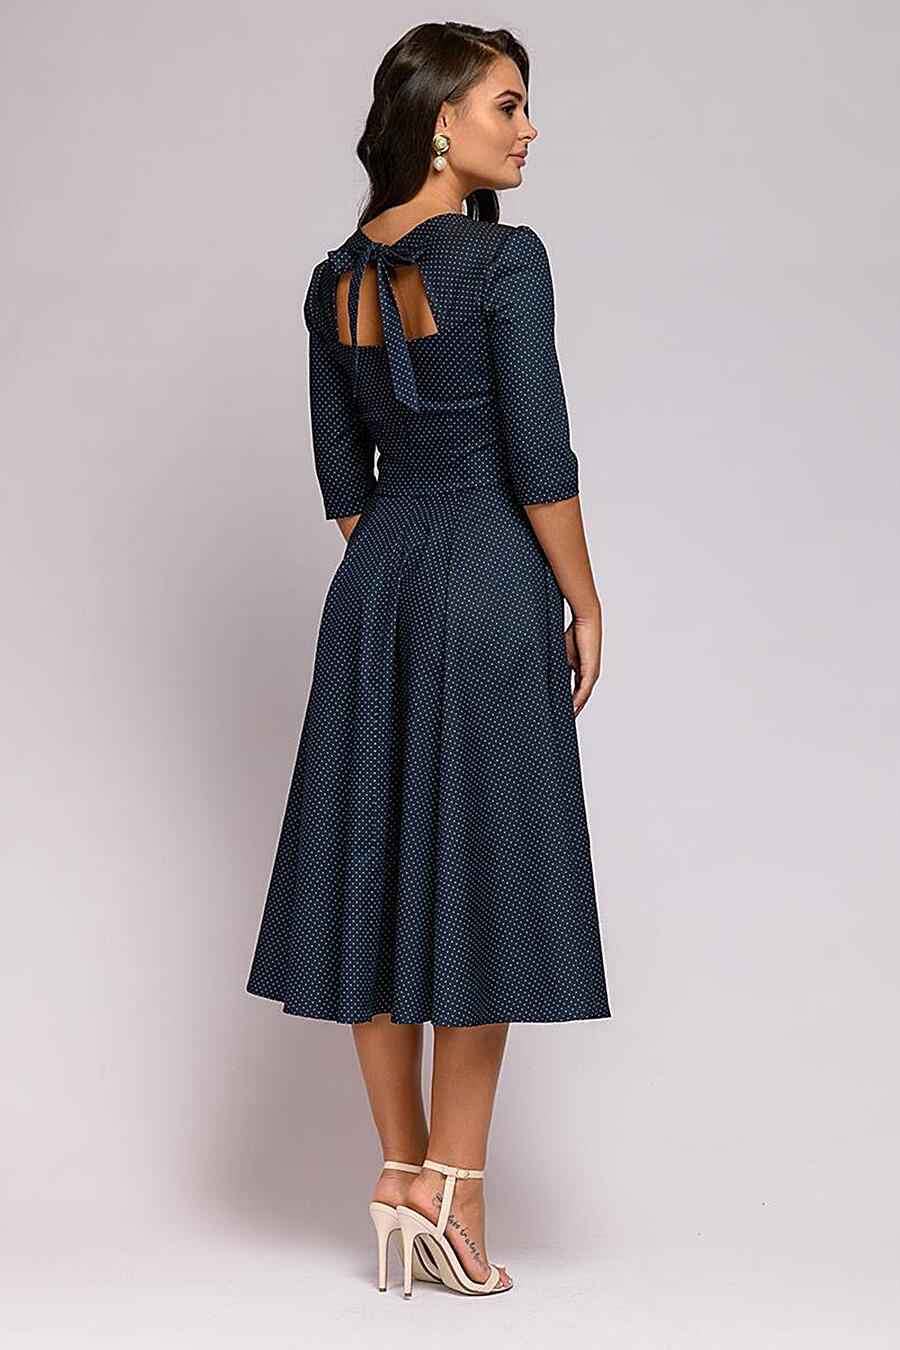 Платье для женщин 1001 DRESS 181004 купить оптом от производителя. Совместная покупка женской одежды в OptMoyo